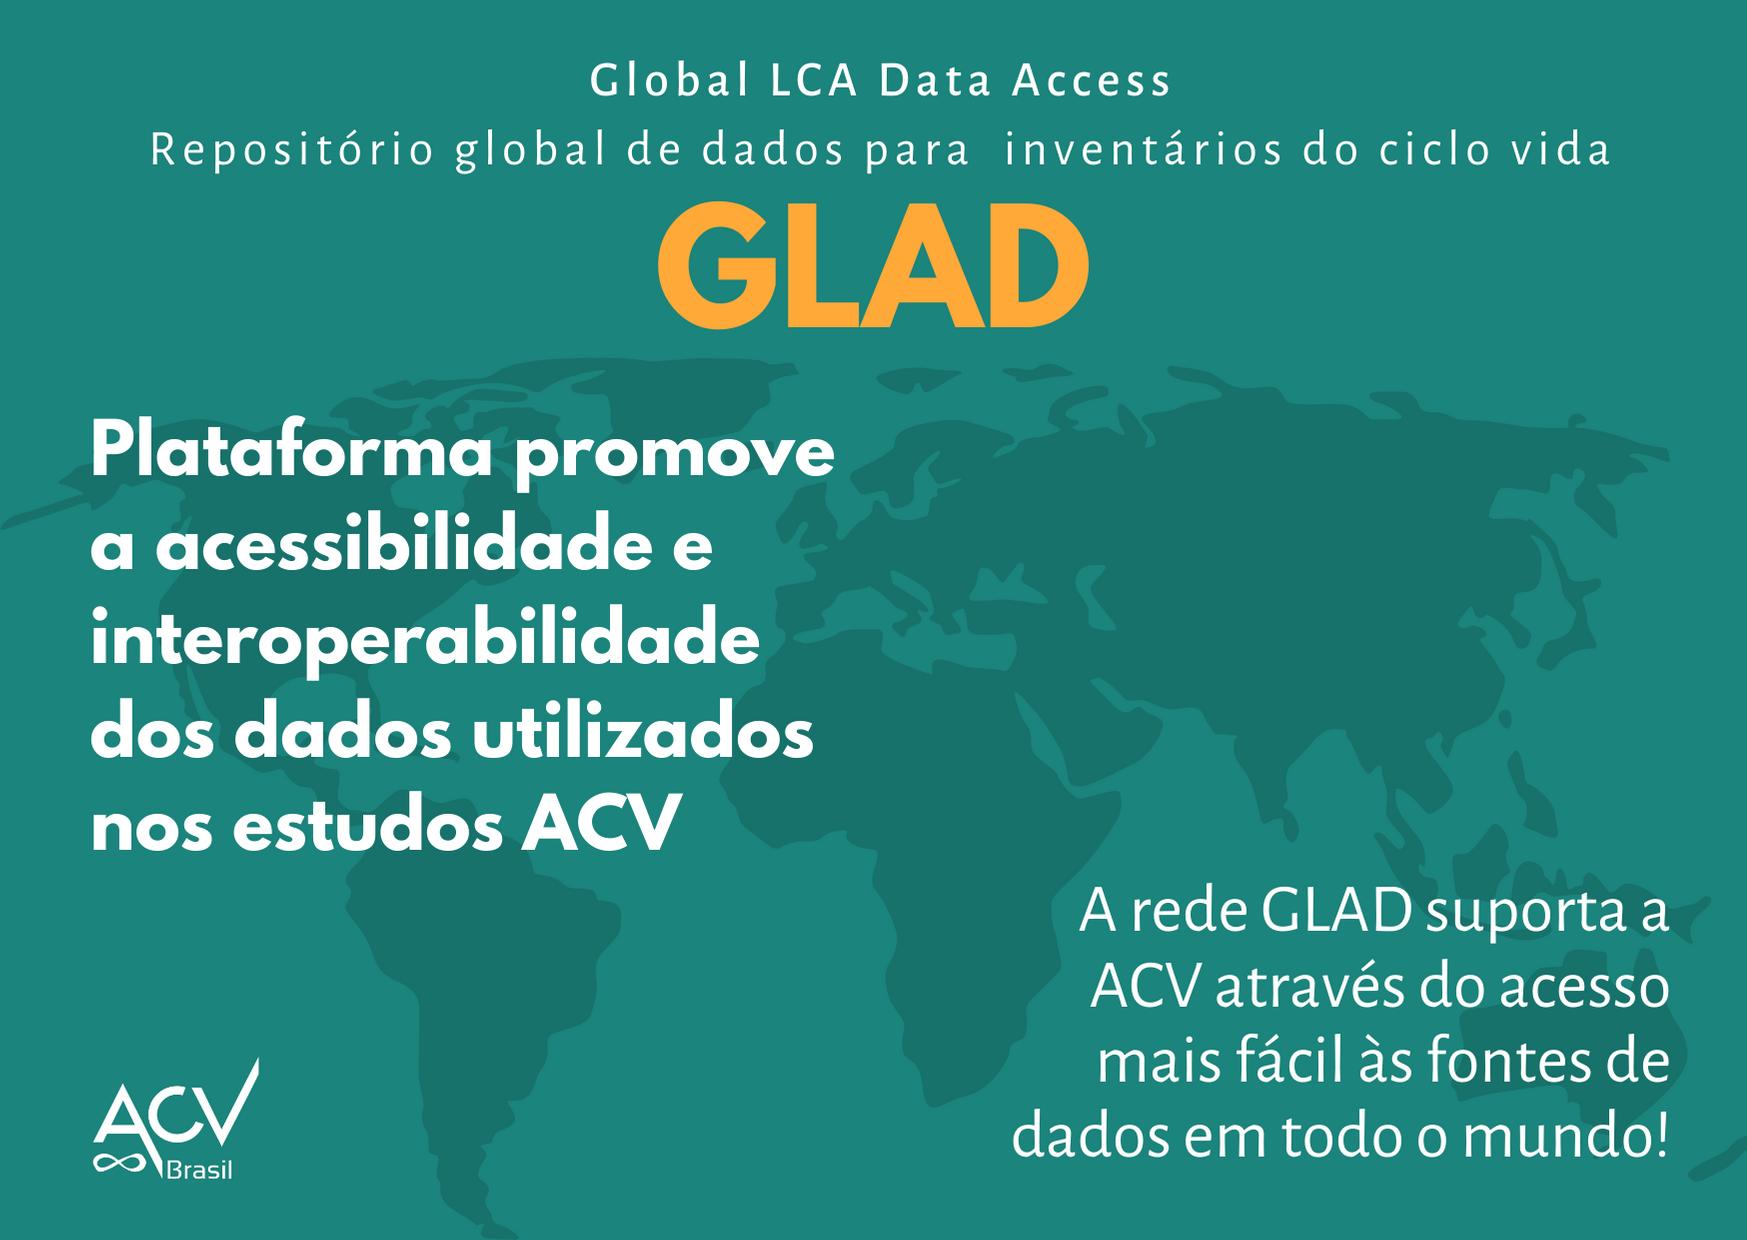 Lançamento da rede Global LCA Data Access (GLAD)